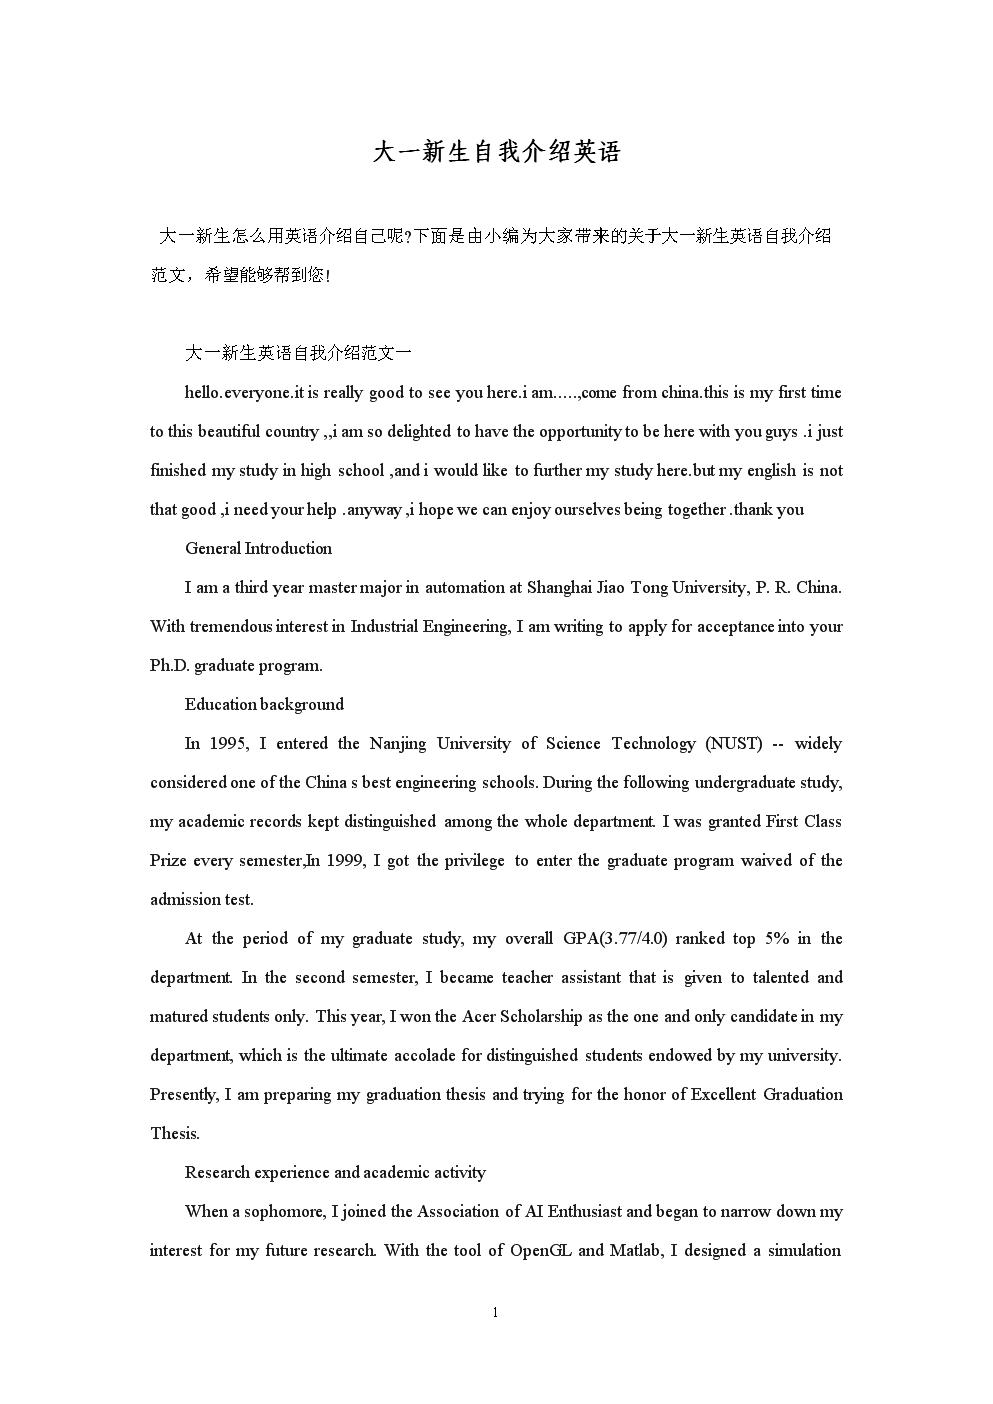 大一新生自我介绍英语—最新范文.doc